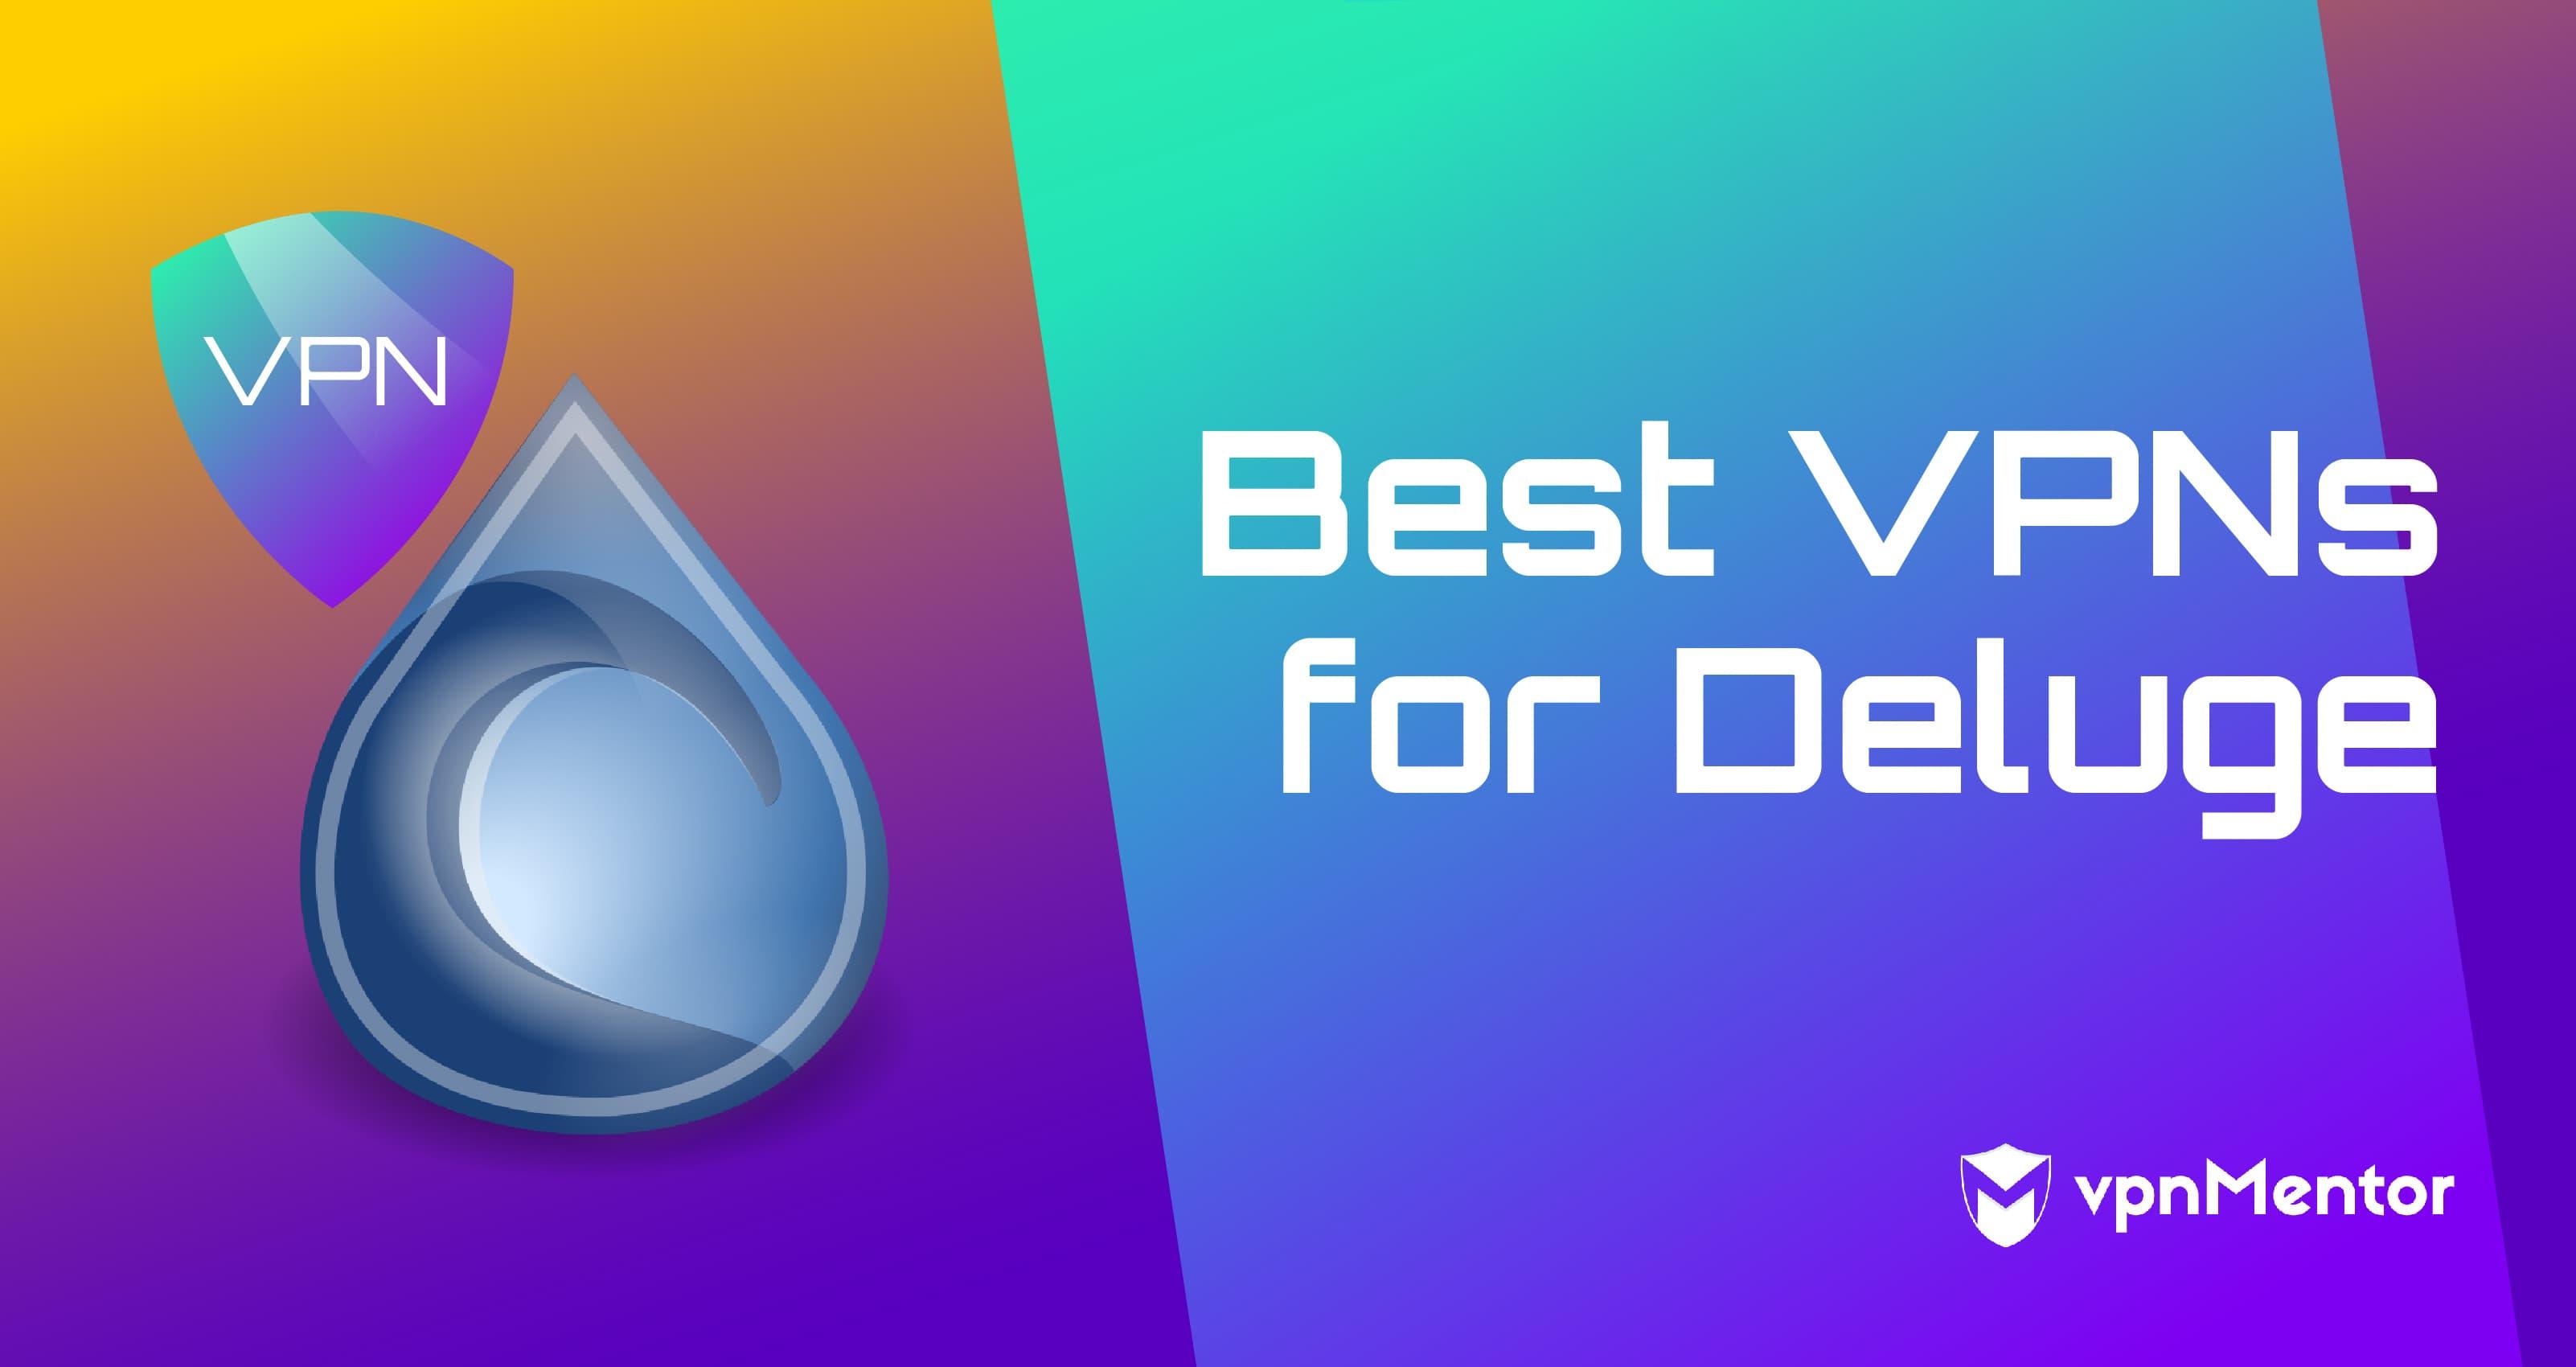 Best VPNs for Deluge